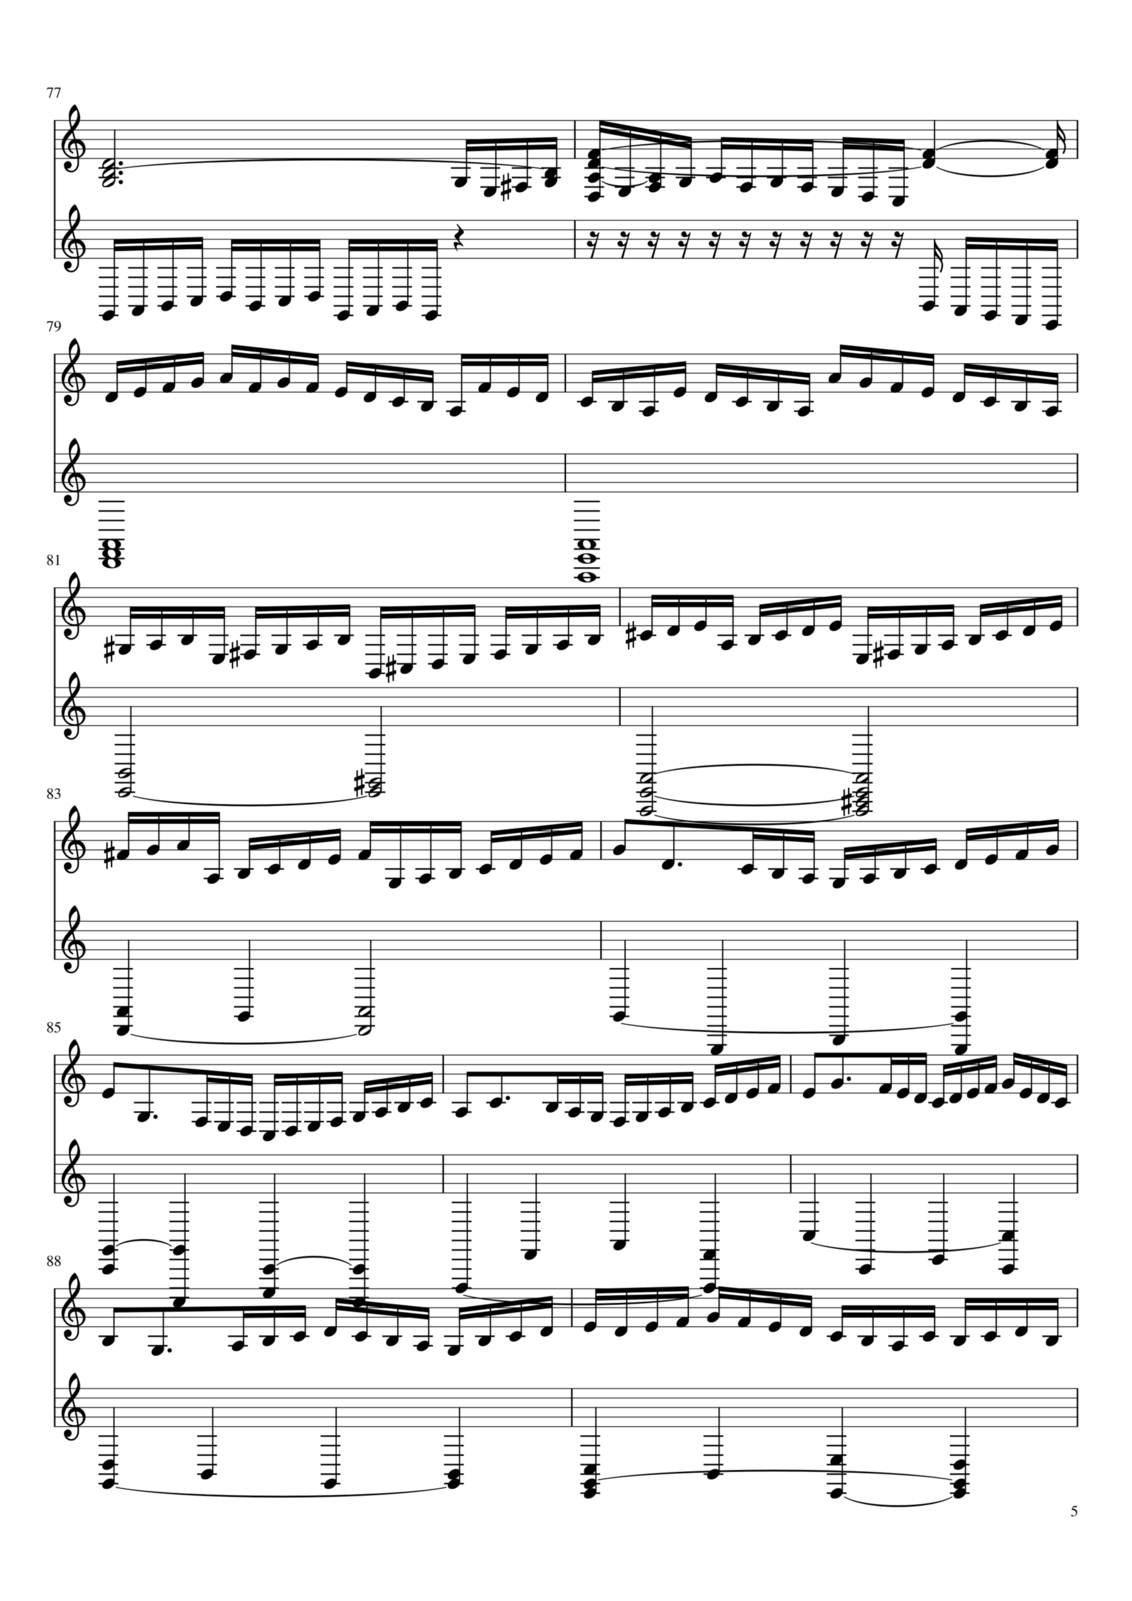 Toccata A-moll slide, Image 5